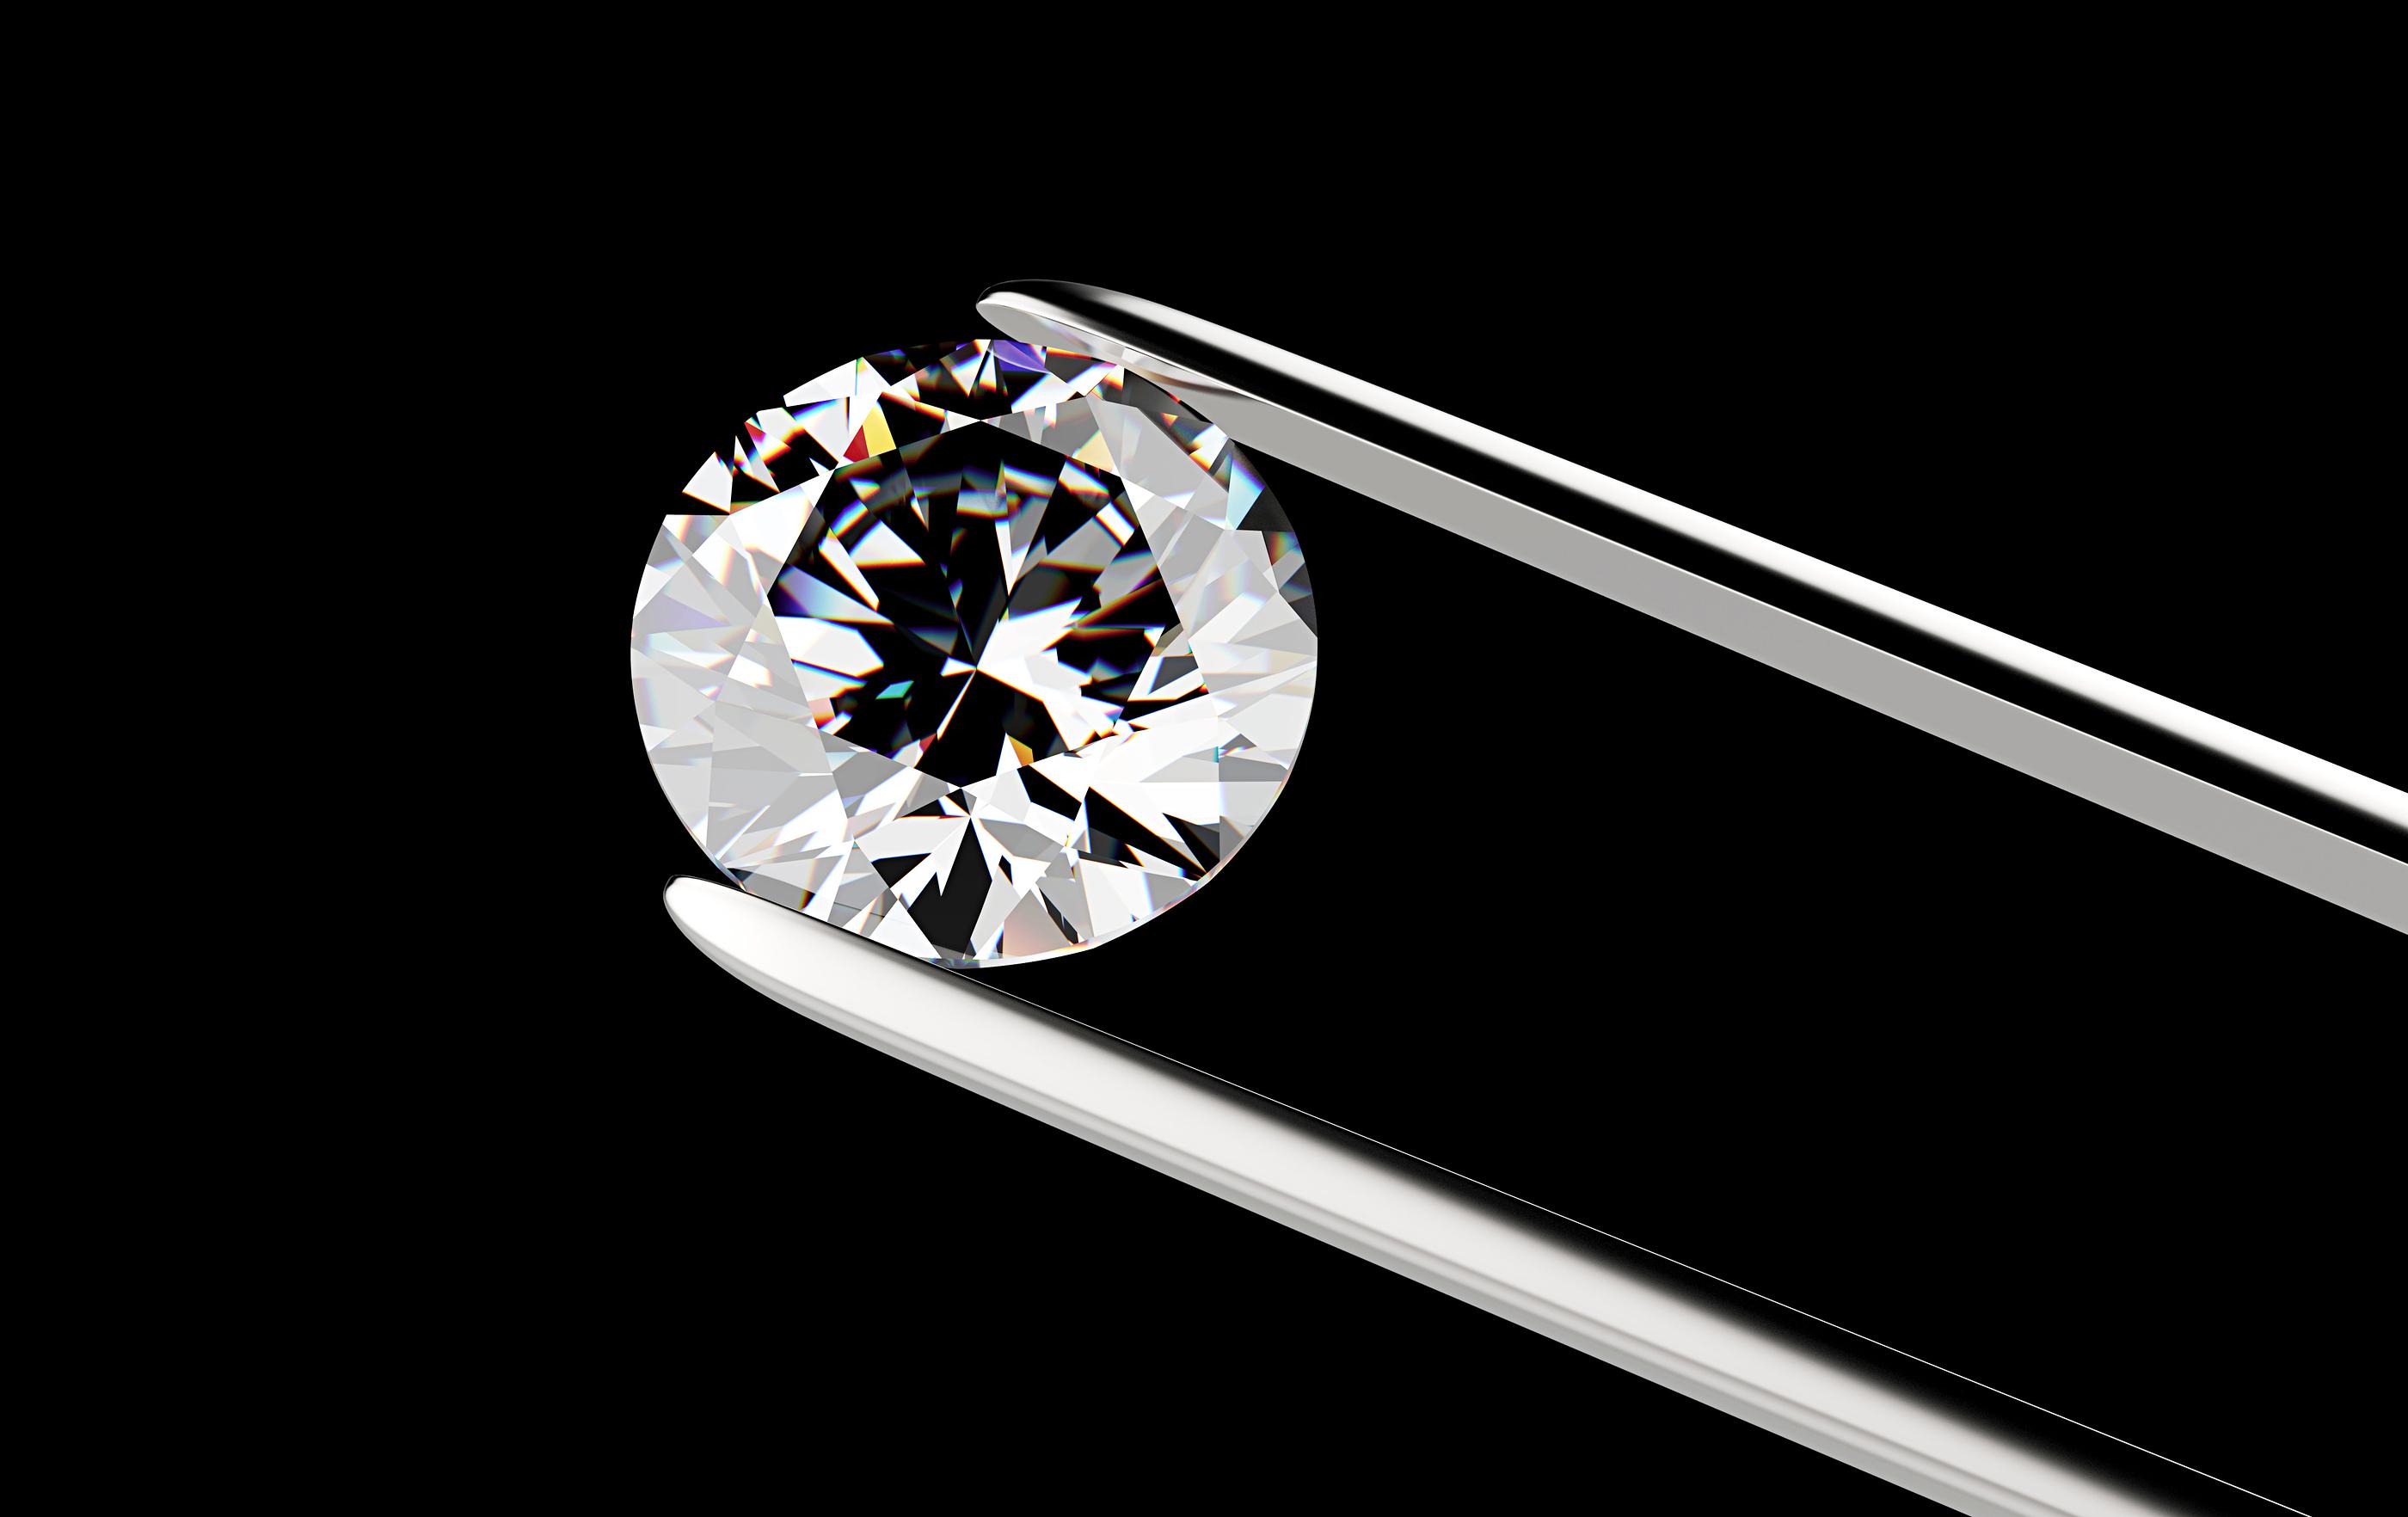 Diamant tenu par une pince sur fond noir